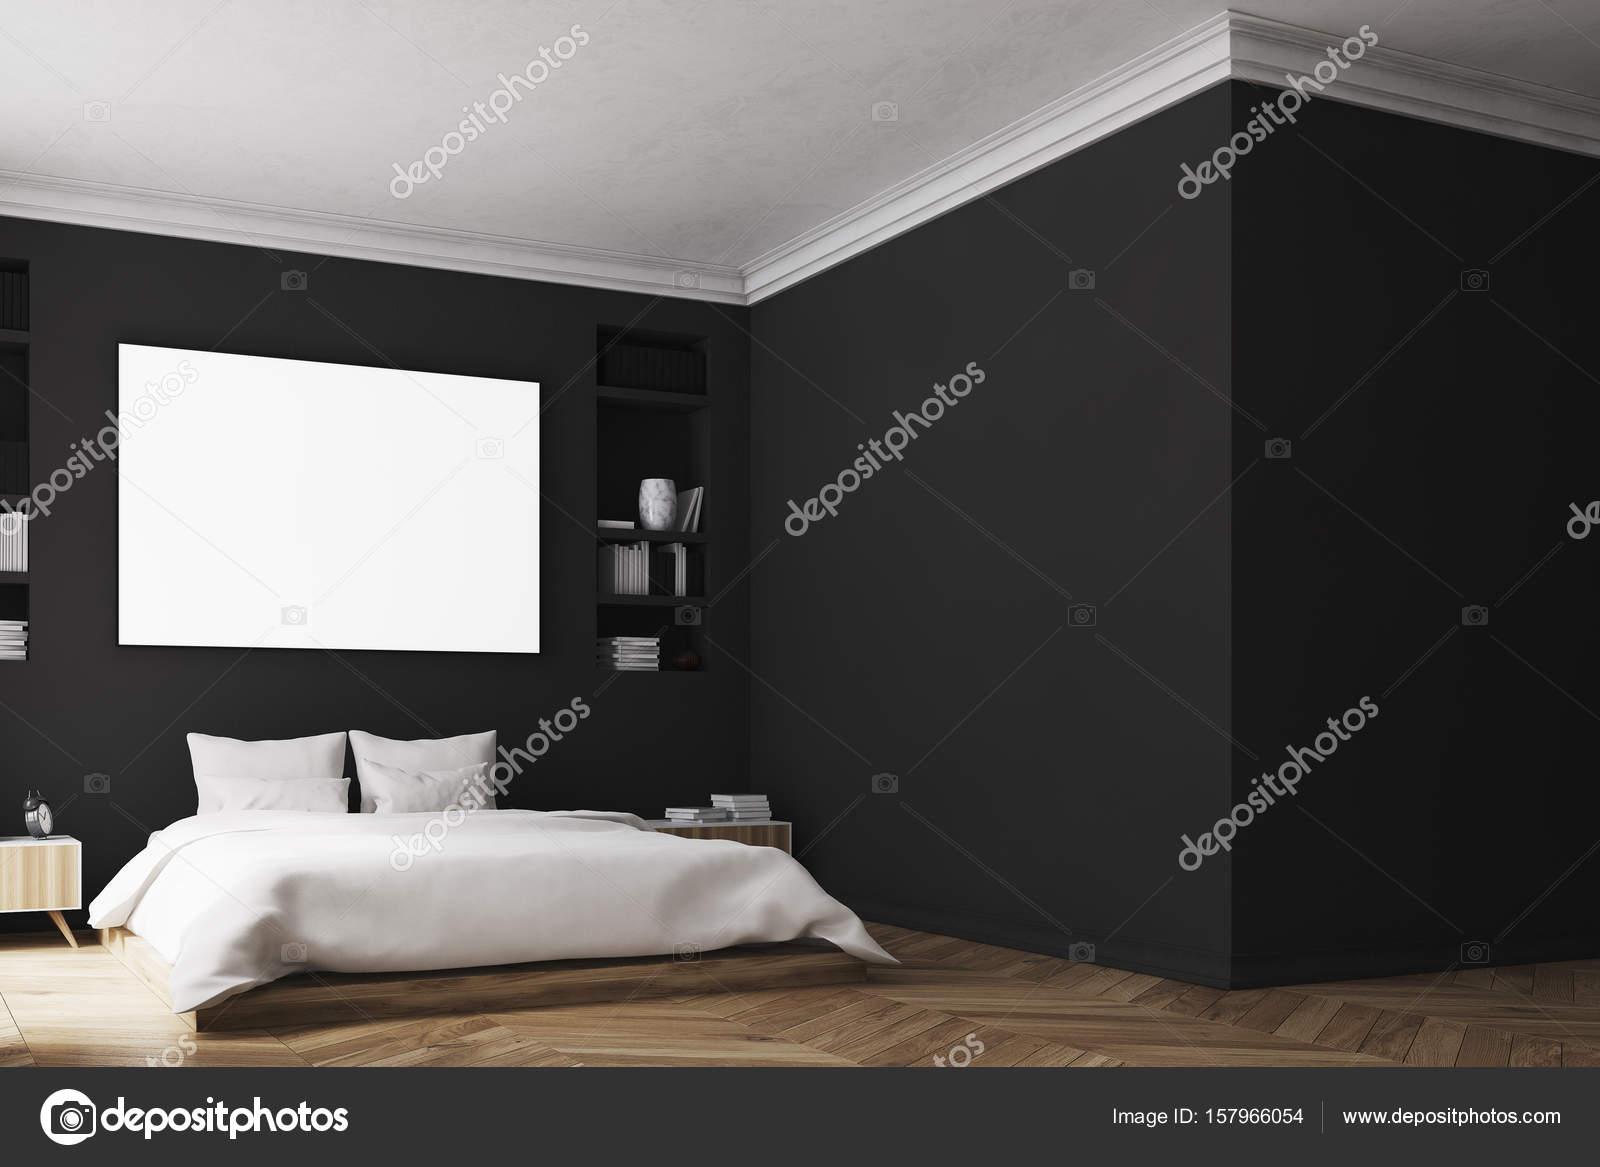 Schwarzen Schlafzimmer Innenraum, Poster, Wand U2014 Stockfoto